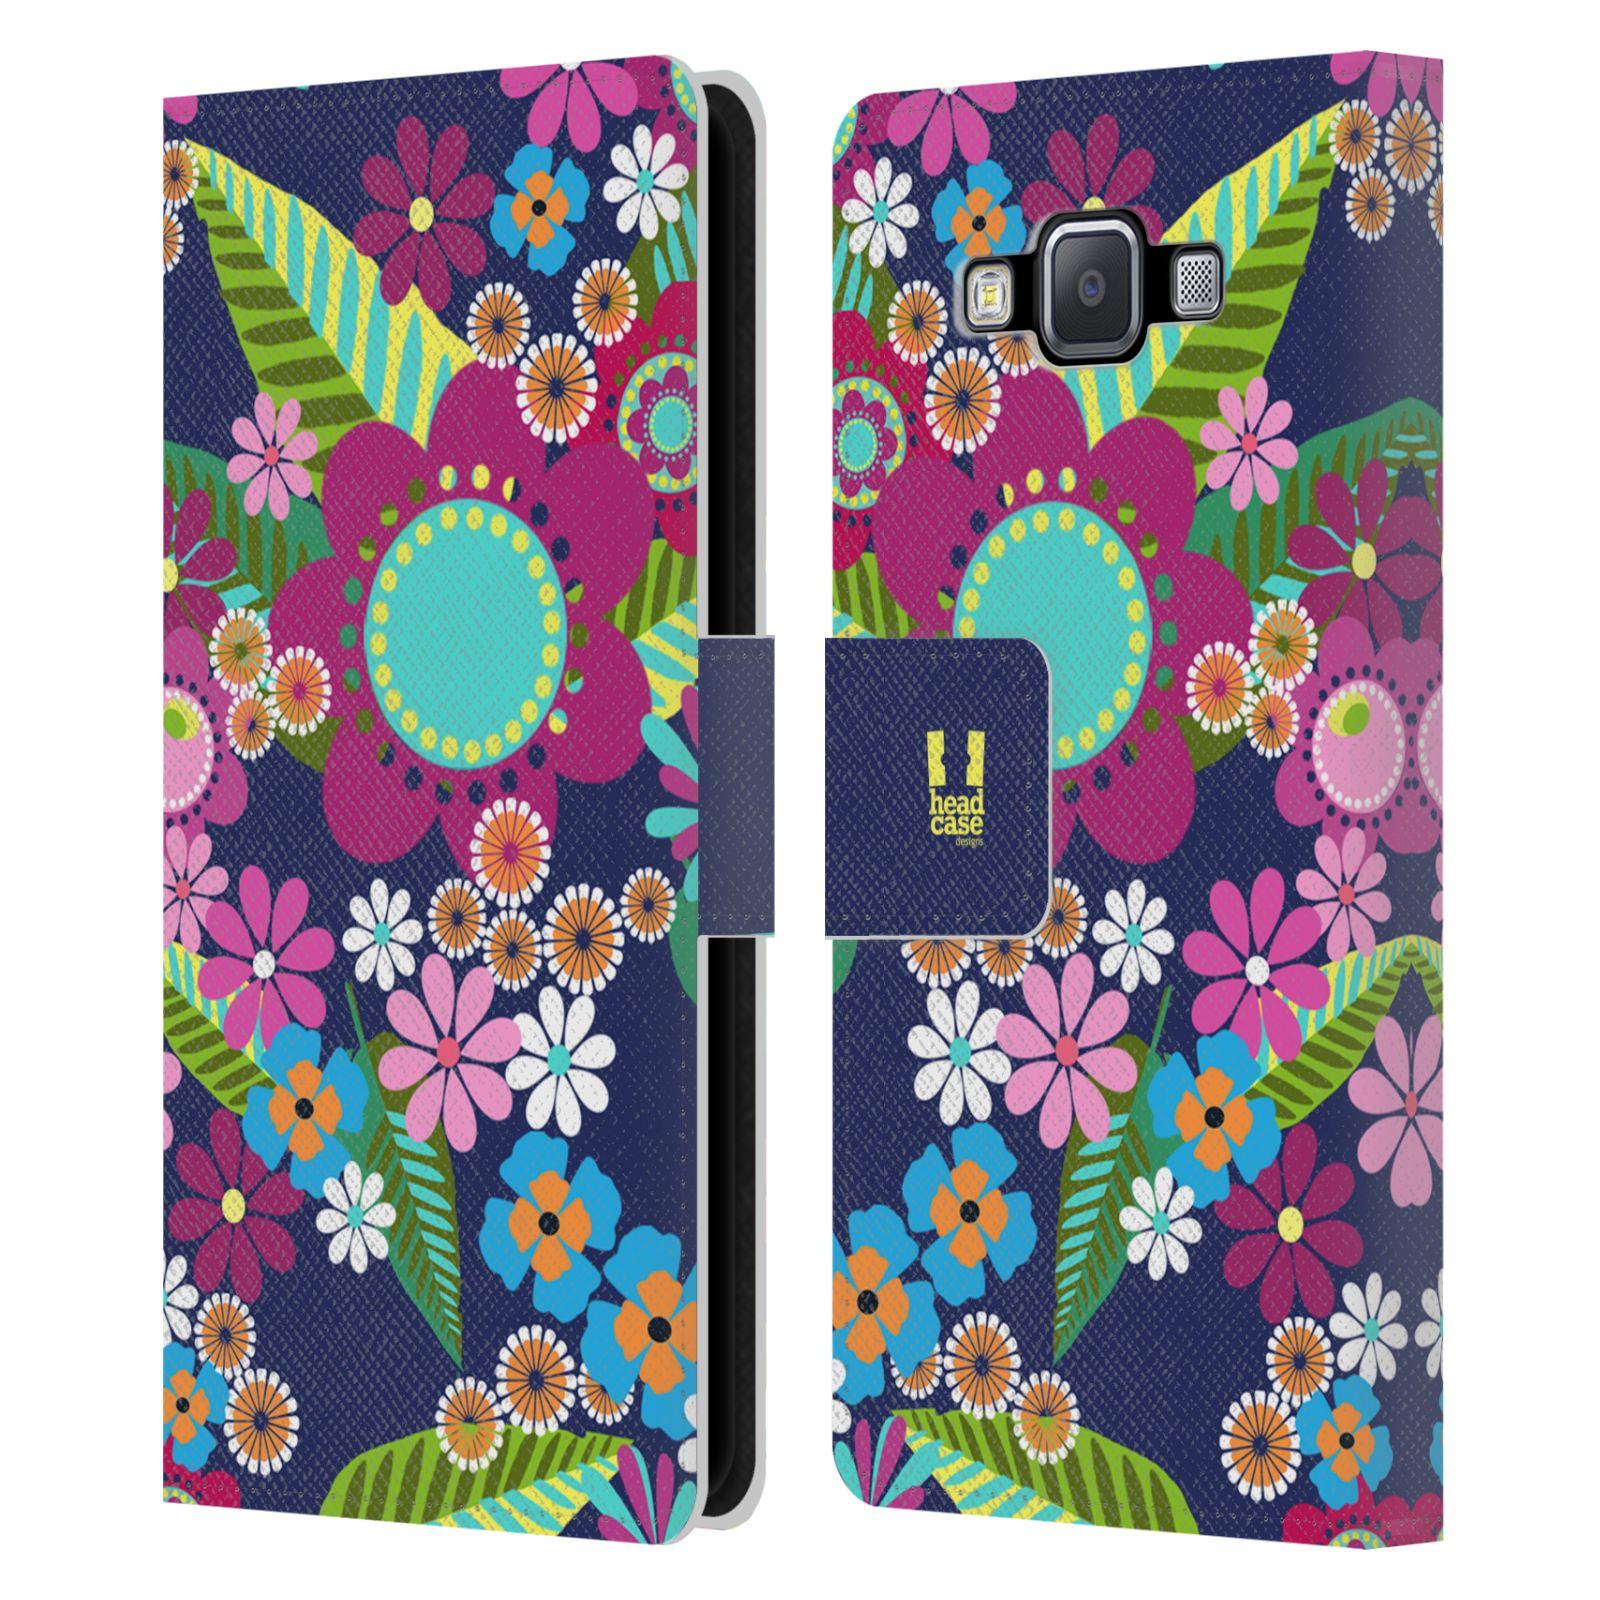 HEAD CASE Flipové pouzdro pro mobil Samsung Galaxy A5 BOTANIKA barevné květy modrá